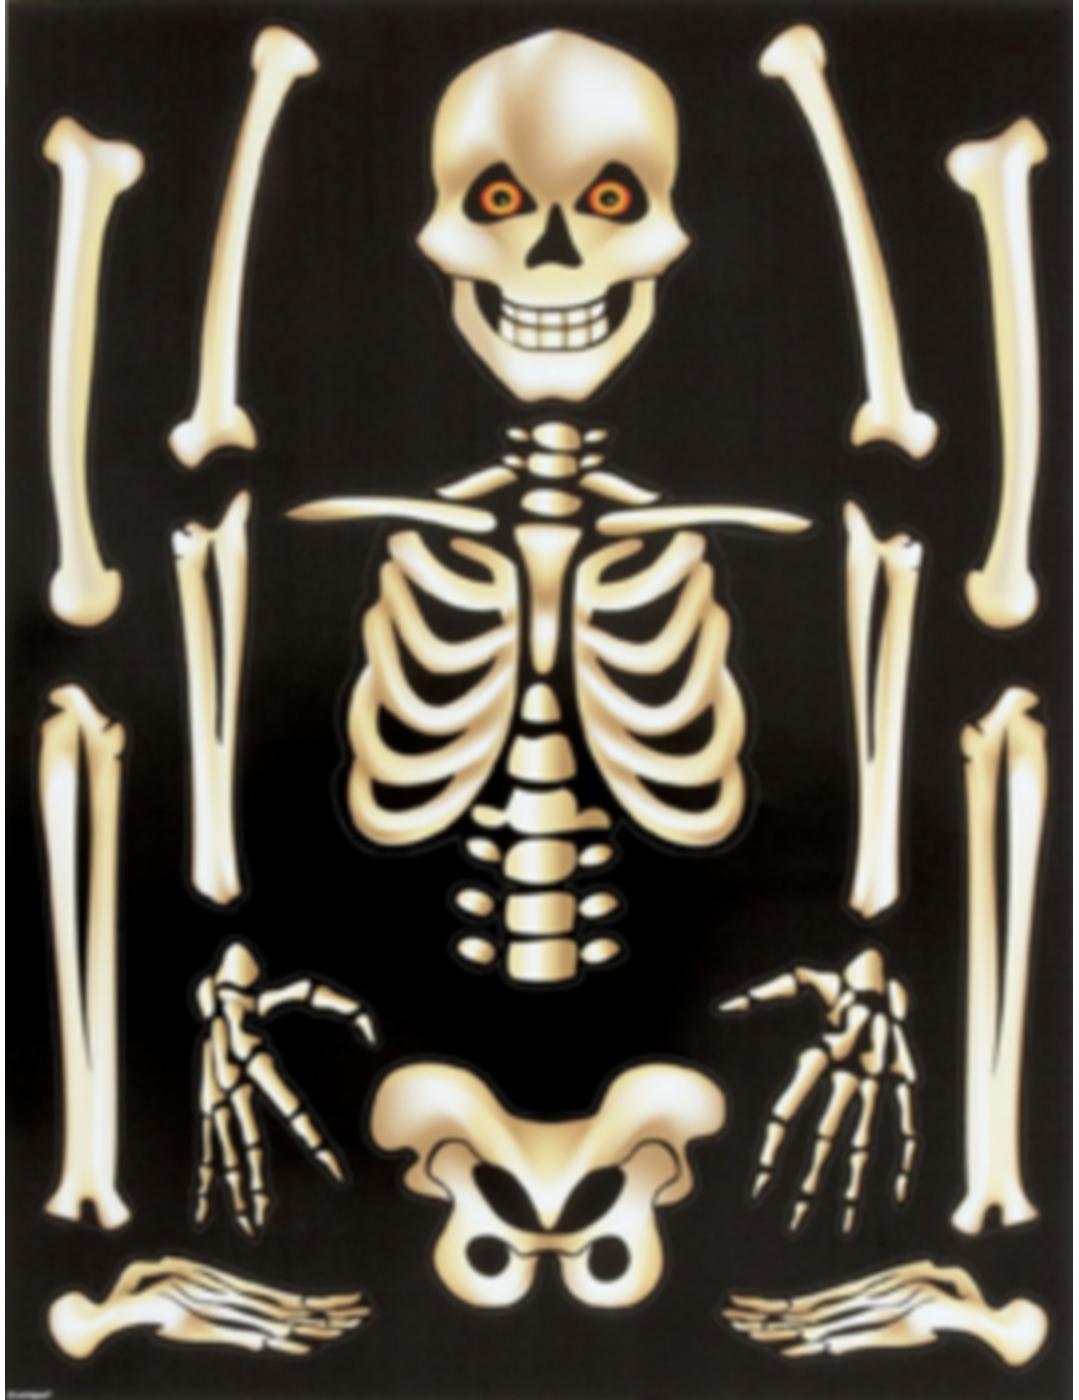 Adesivi per finestre scheletro halloween addobbi e - Adesivi natalizi per finestre ...